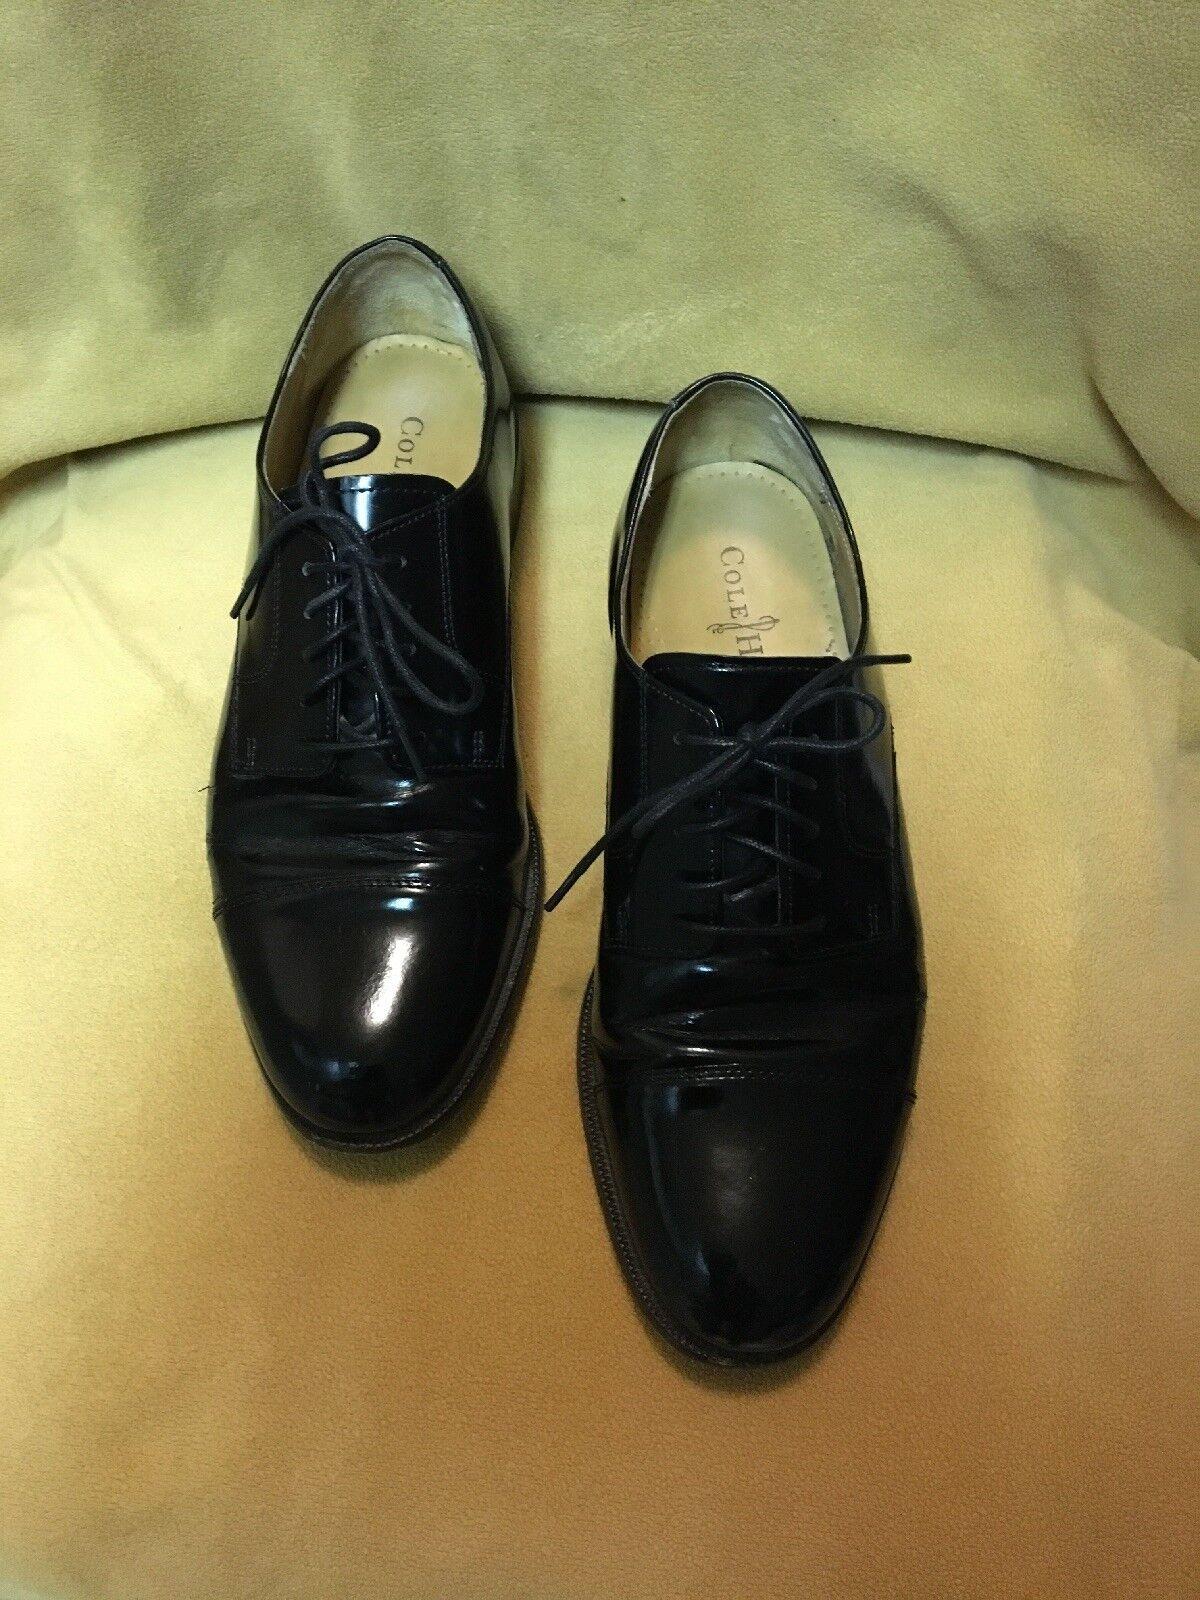 COLE HAAN MEN'S BLACK Oxford Cap Toe Formal shoes US Size 9 D